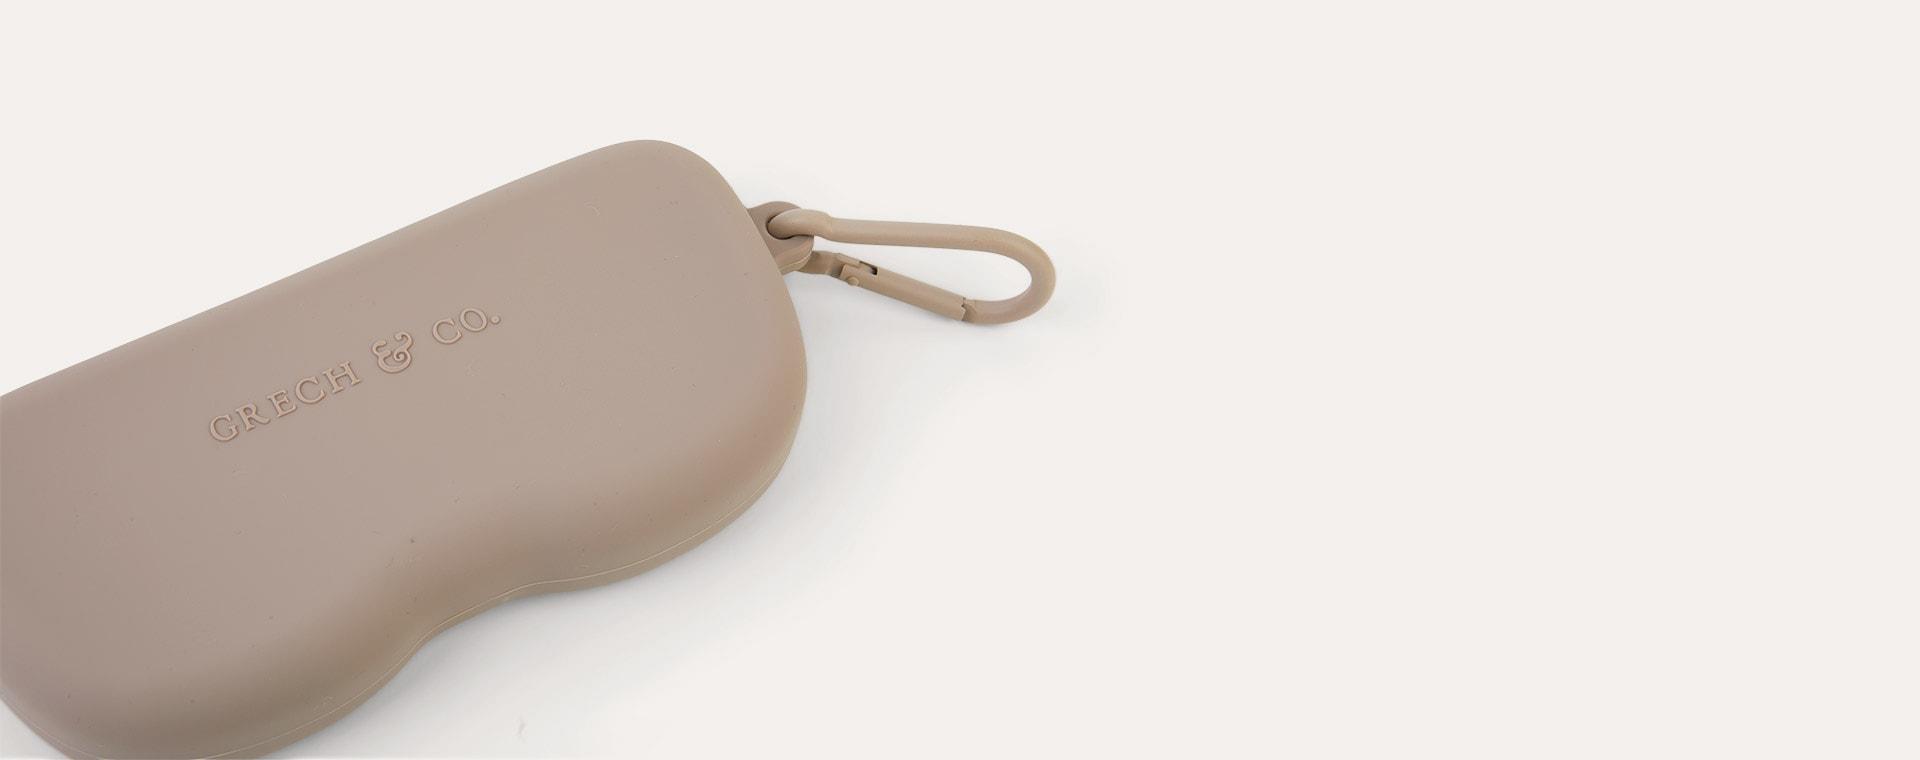 Stone Grech & Co Sunglasses Case